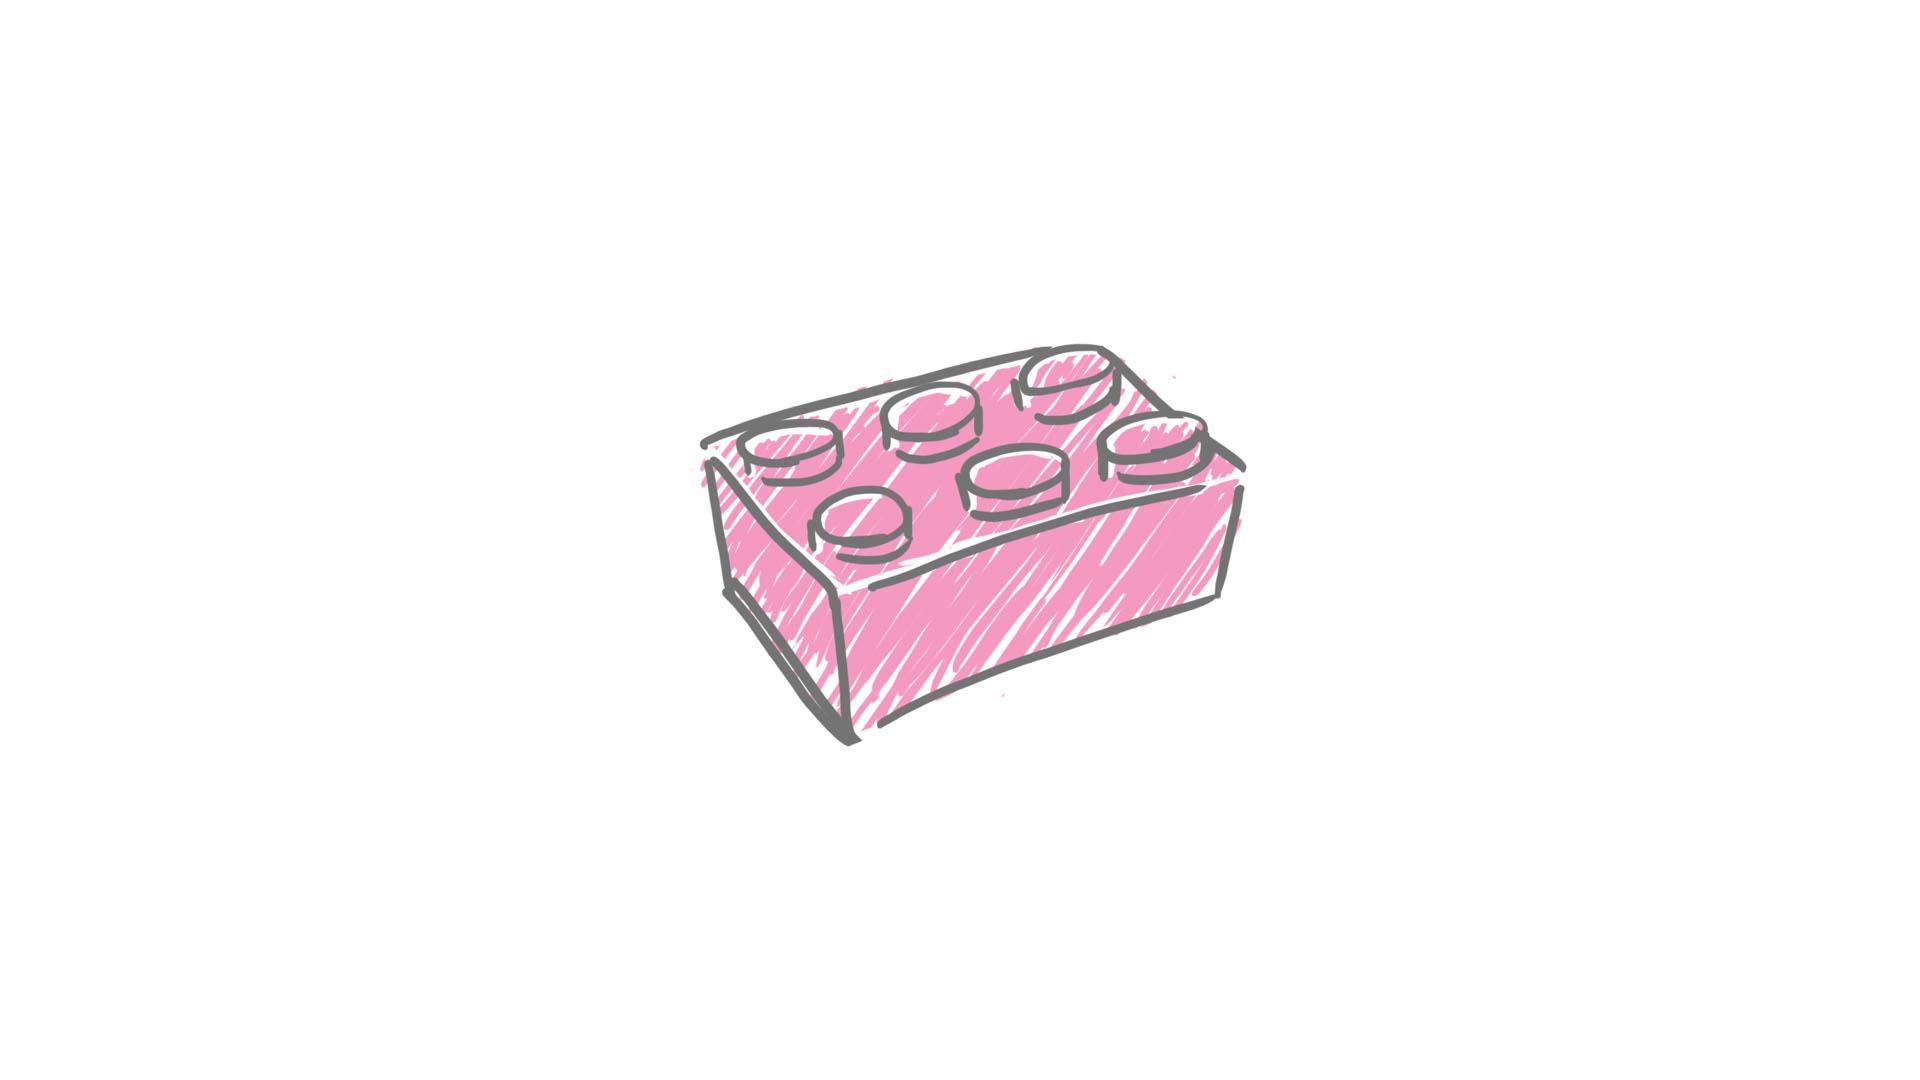 Ruby Lego